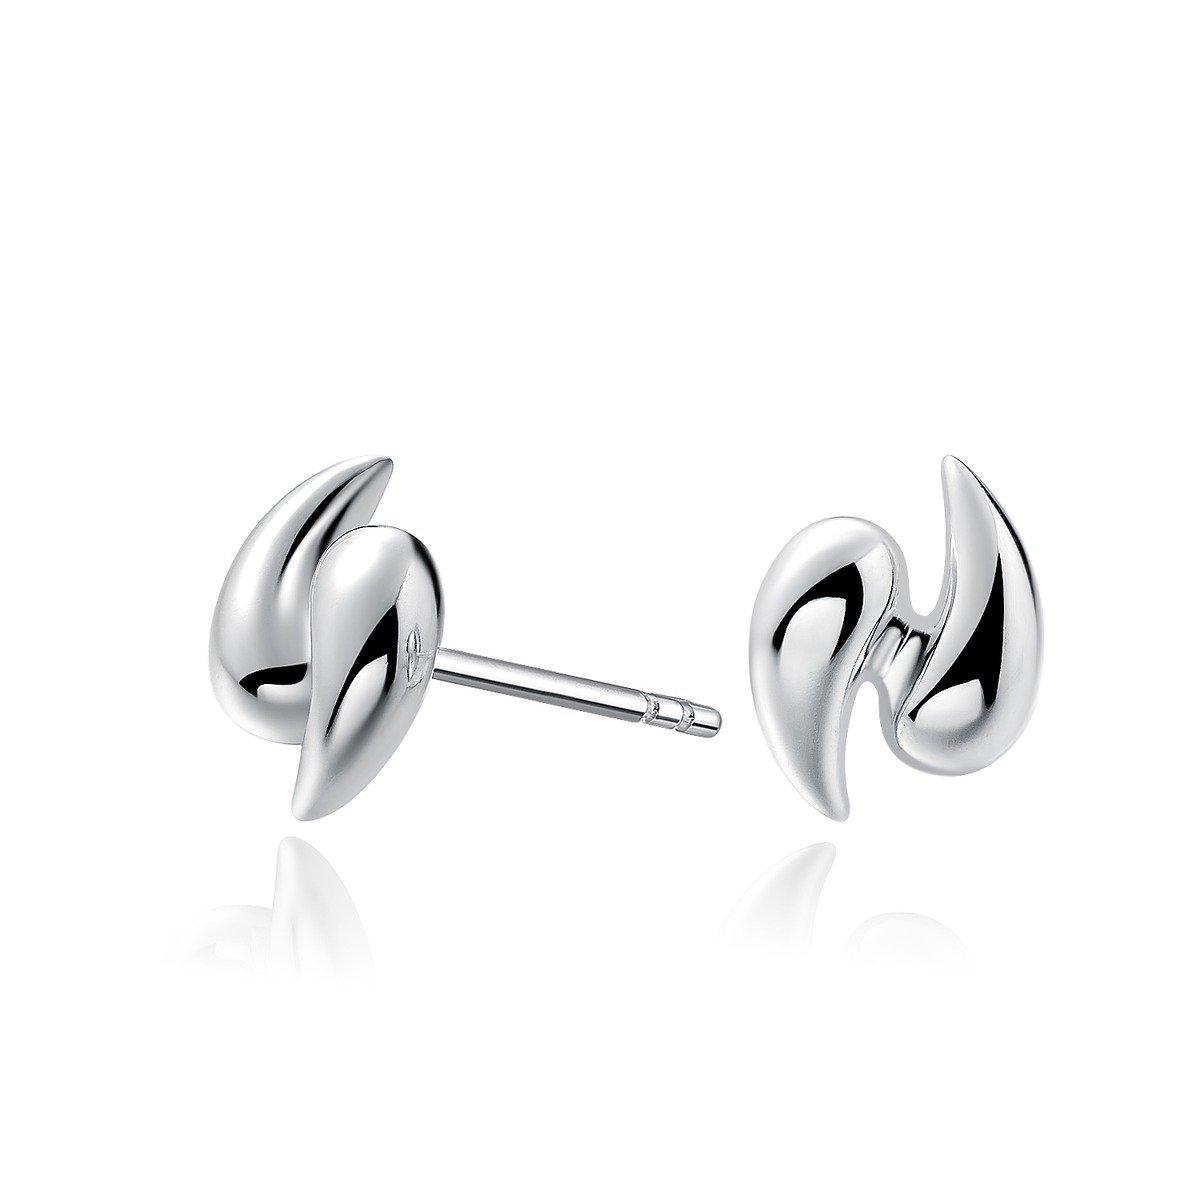 小漩風 925 純銀耳環